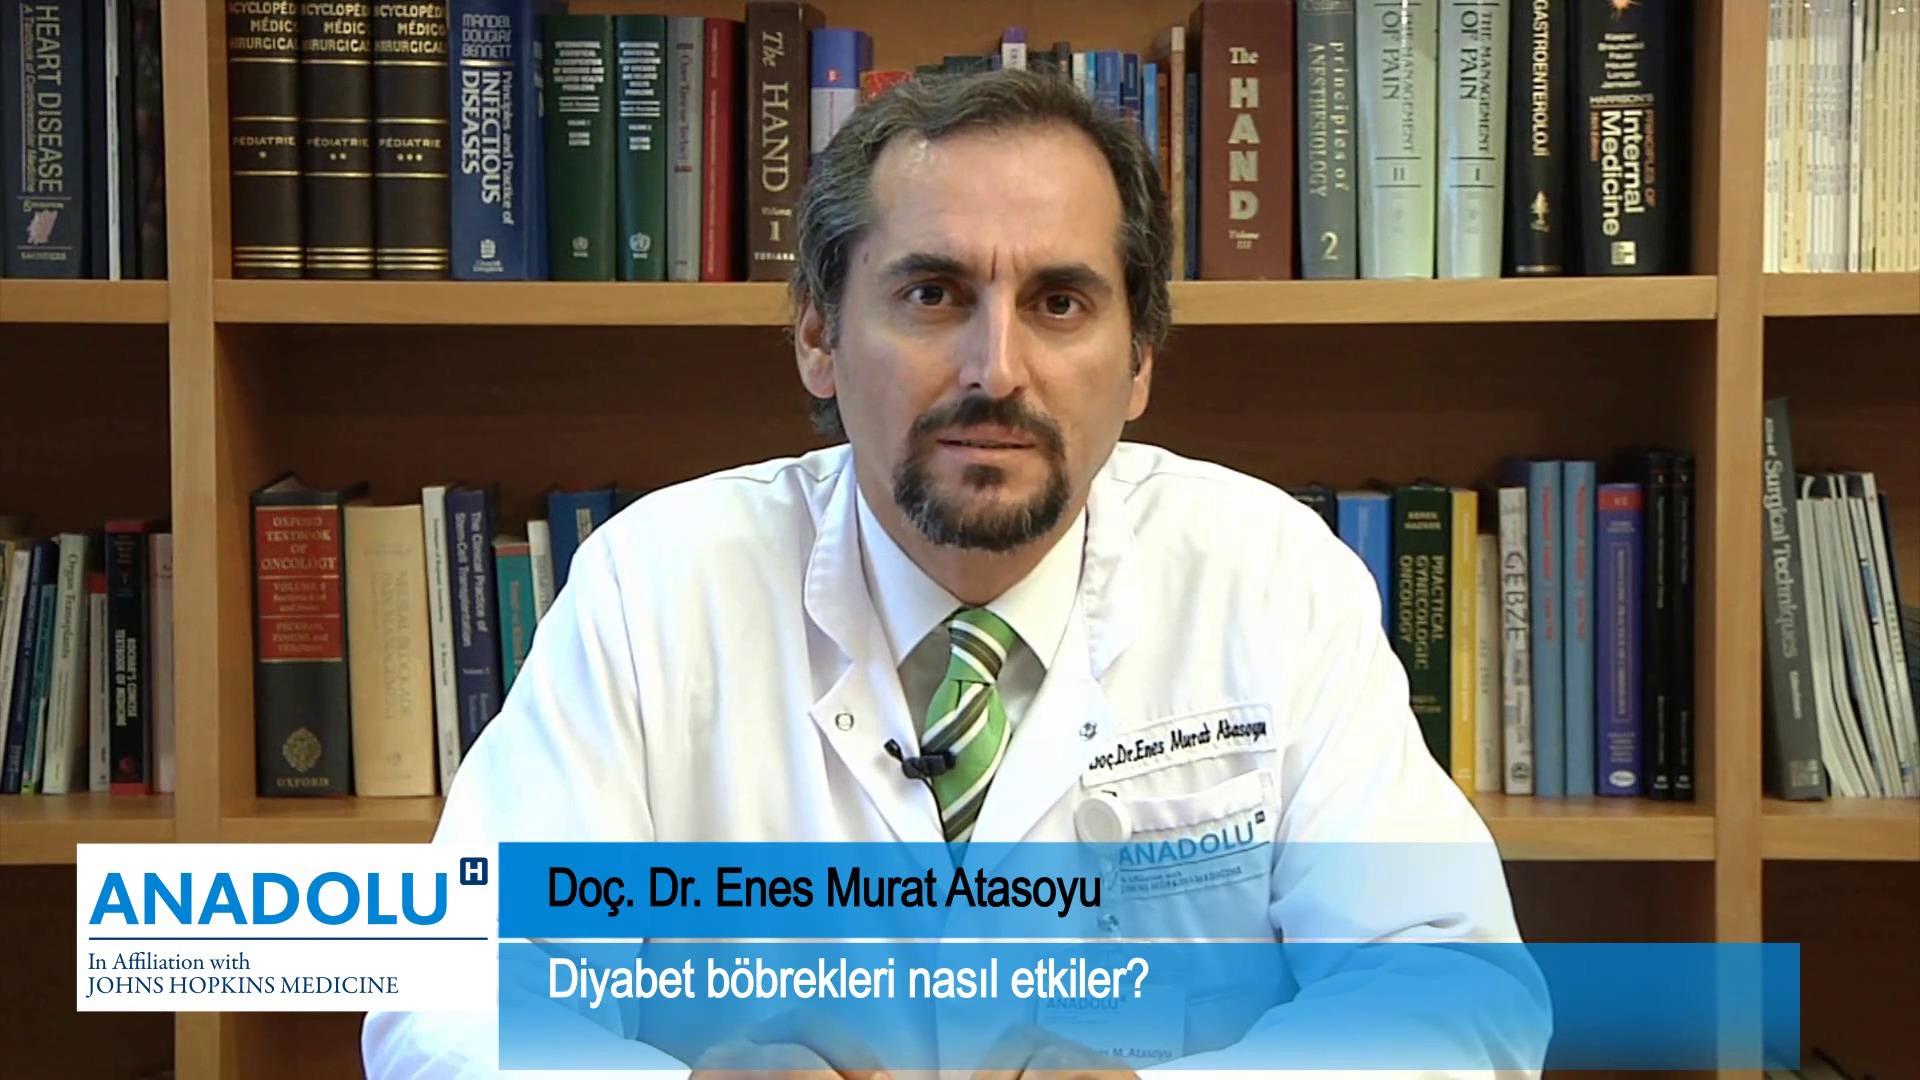 Diyabet böbrekleri nasıl etkiler?